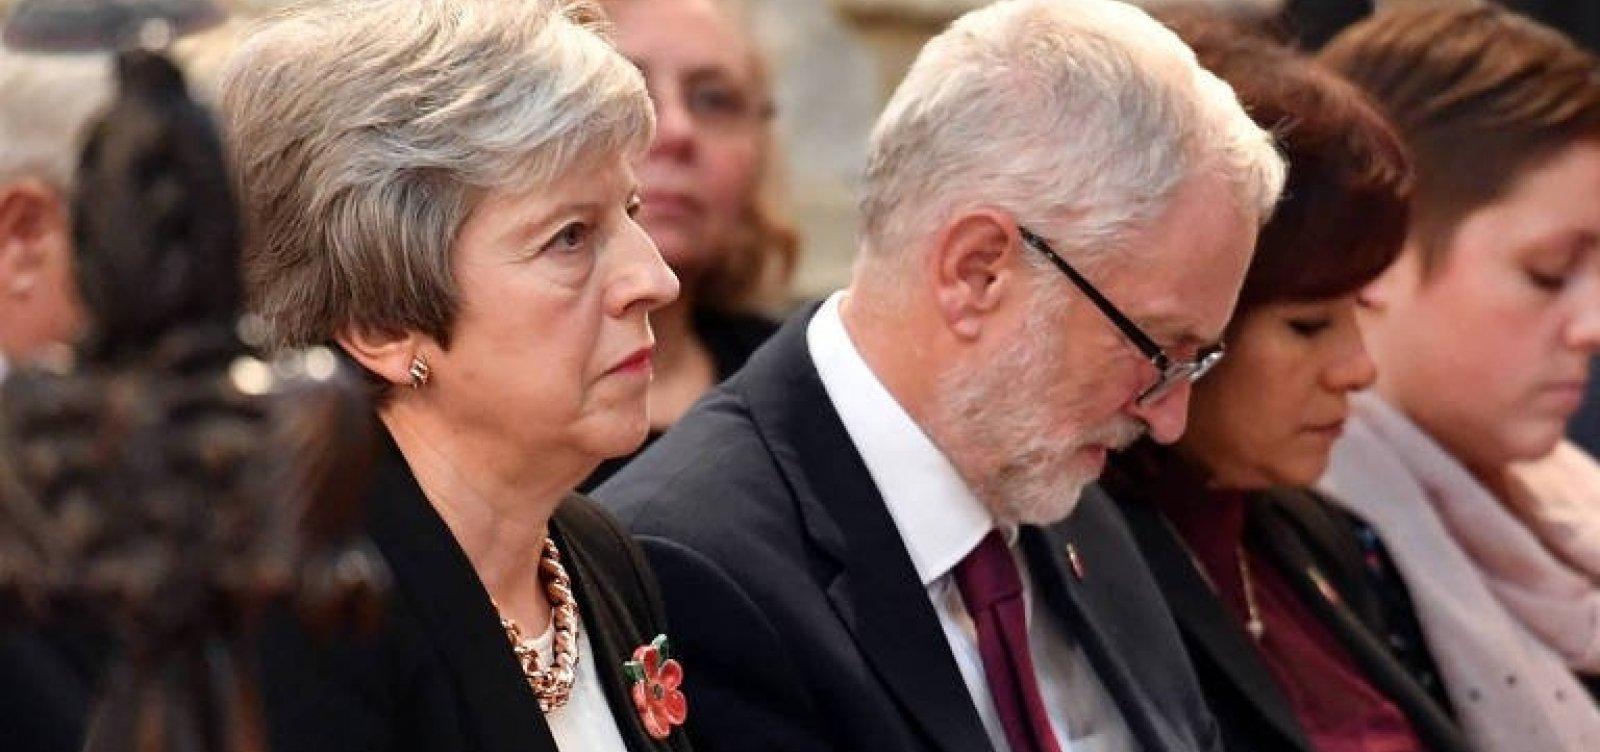 [May indica estar a um passo de avançar negociação do Brexit]